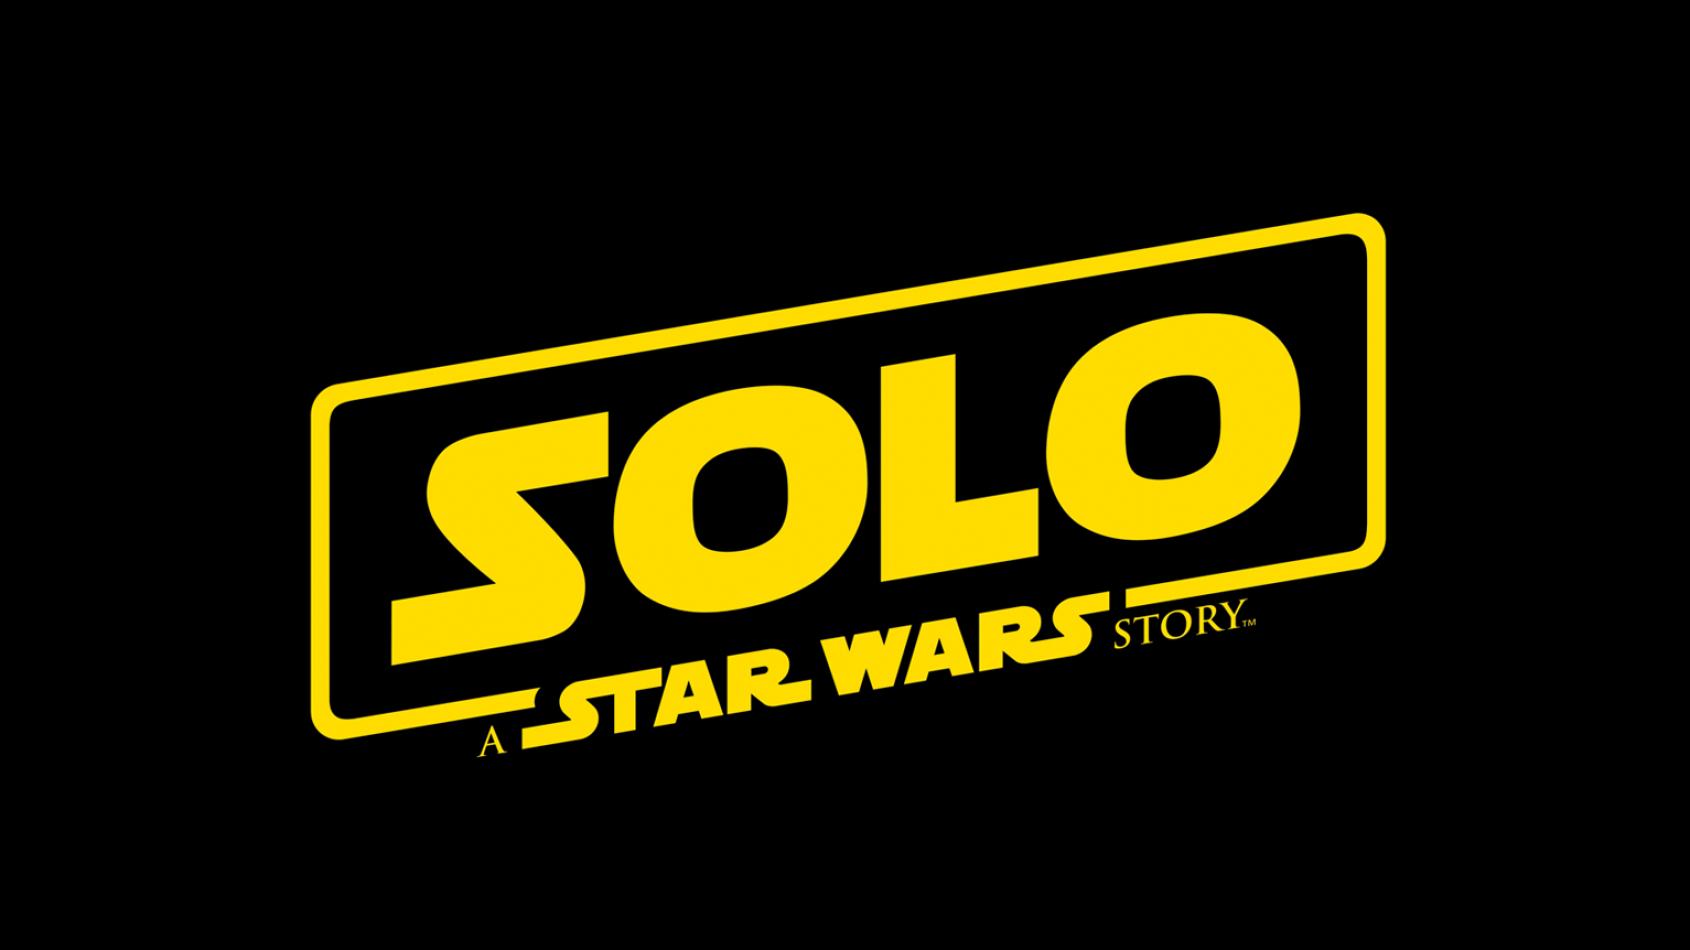 Ron Howard aurait retourné (presque) totalement Han Solo